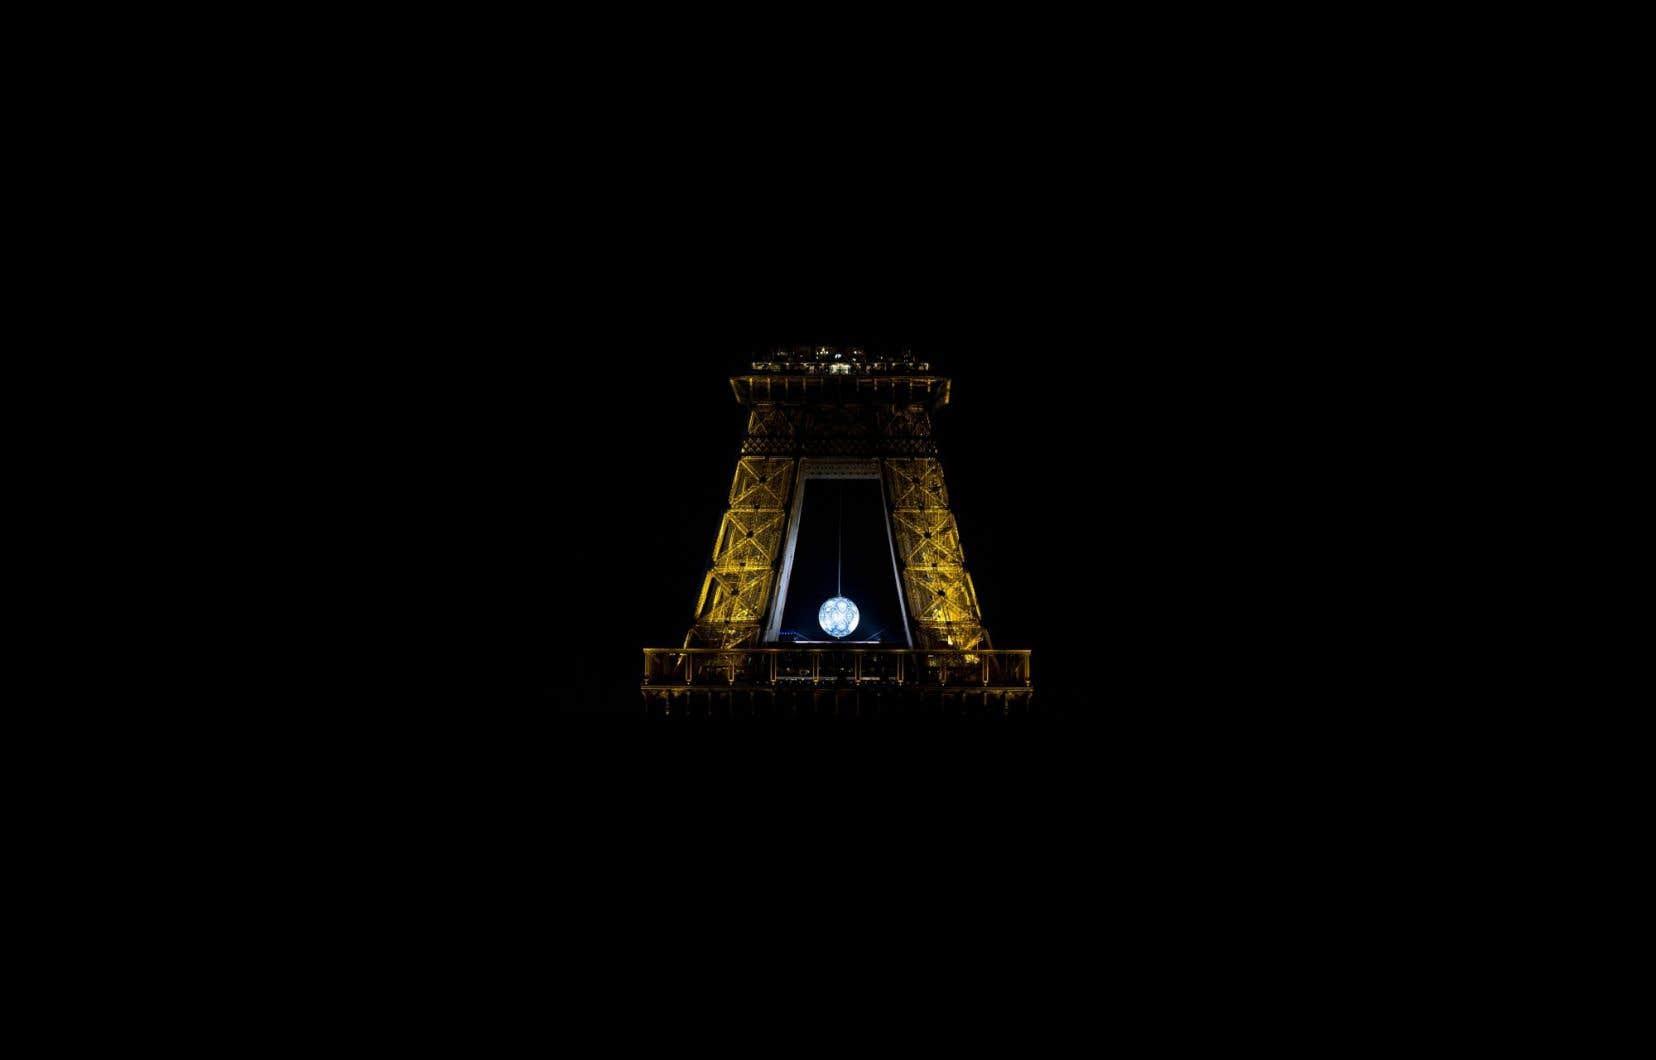 Le globe Earth Crisis, de l'artiste américain Shepard Fairey, a été suspendu à la tour Eiffel en préparation pour la conférence sur le climat.